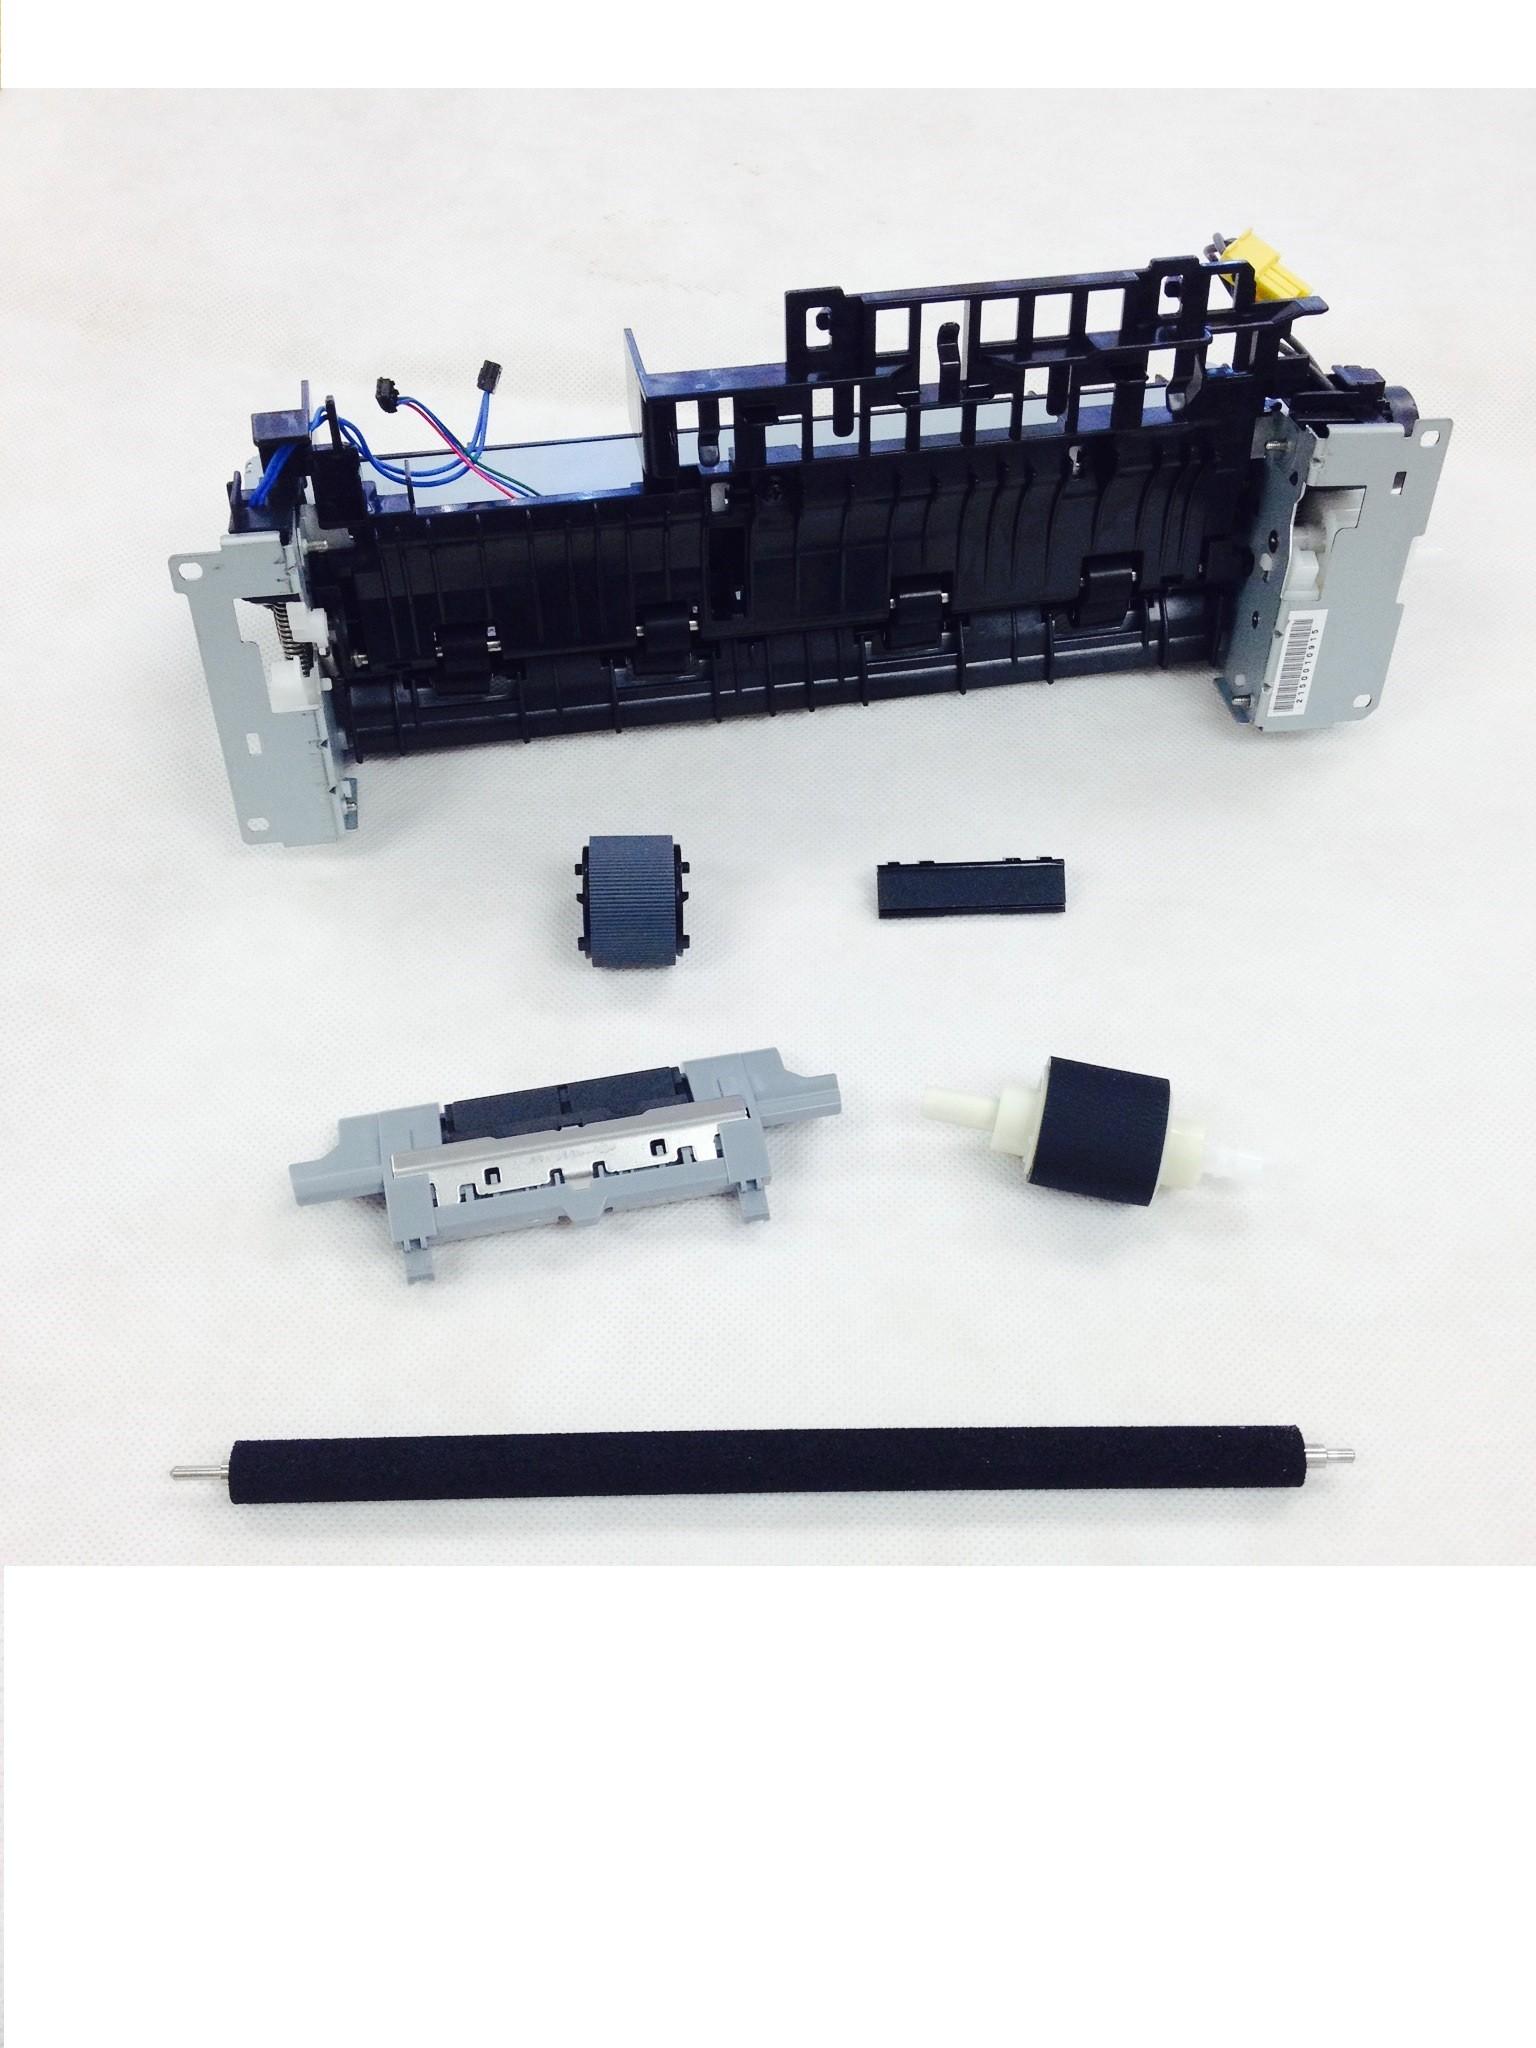 Kit-Maint-M401 | HP LaserJet M401/M425 Maintenance Kit Refurbished Exchange